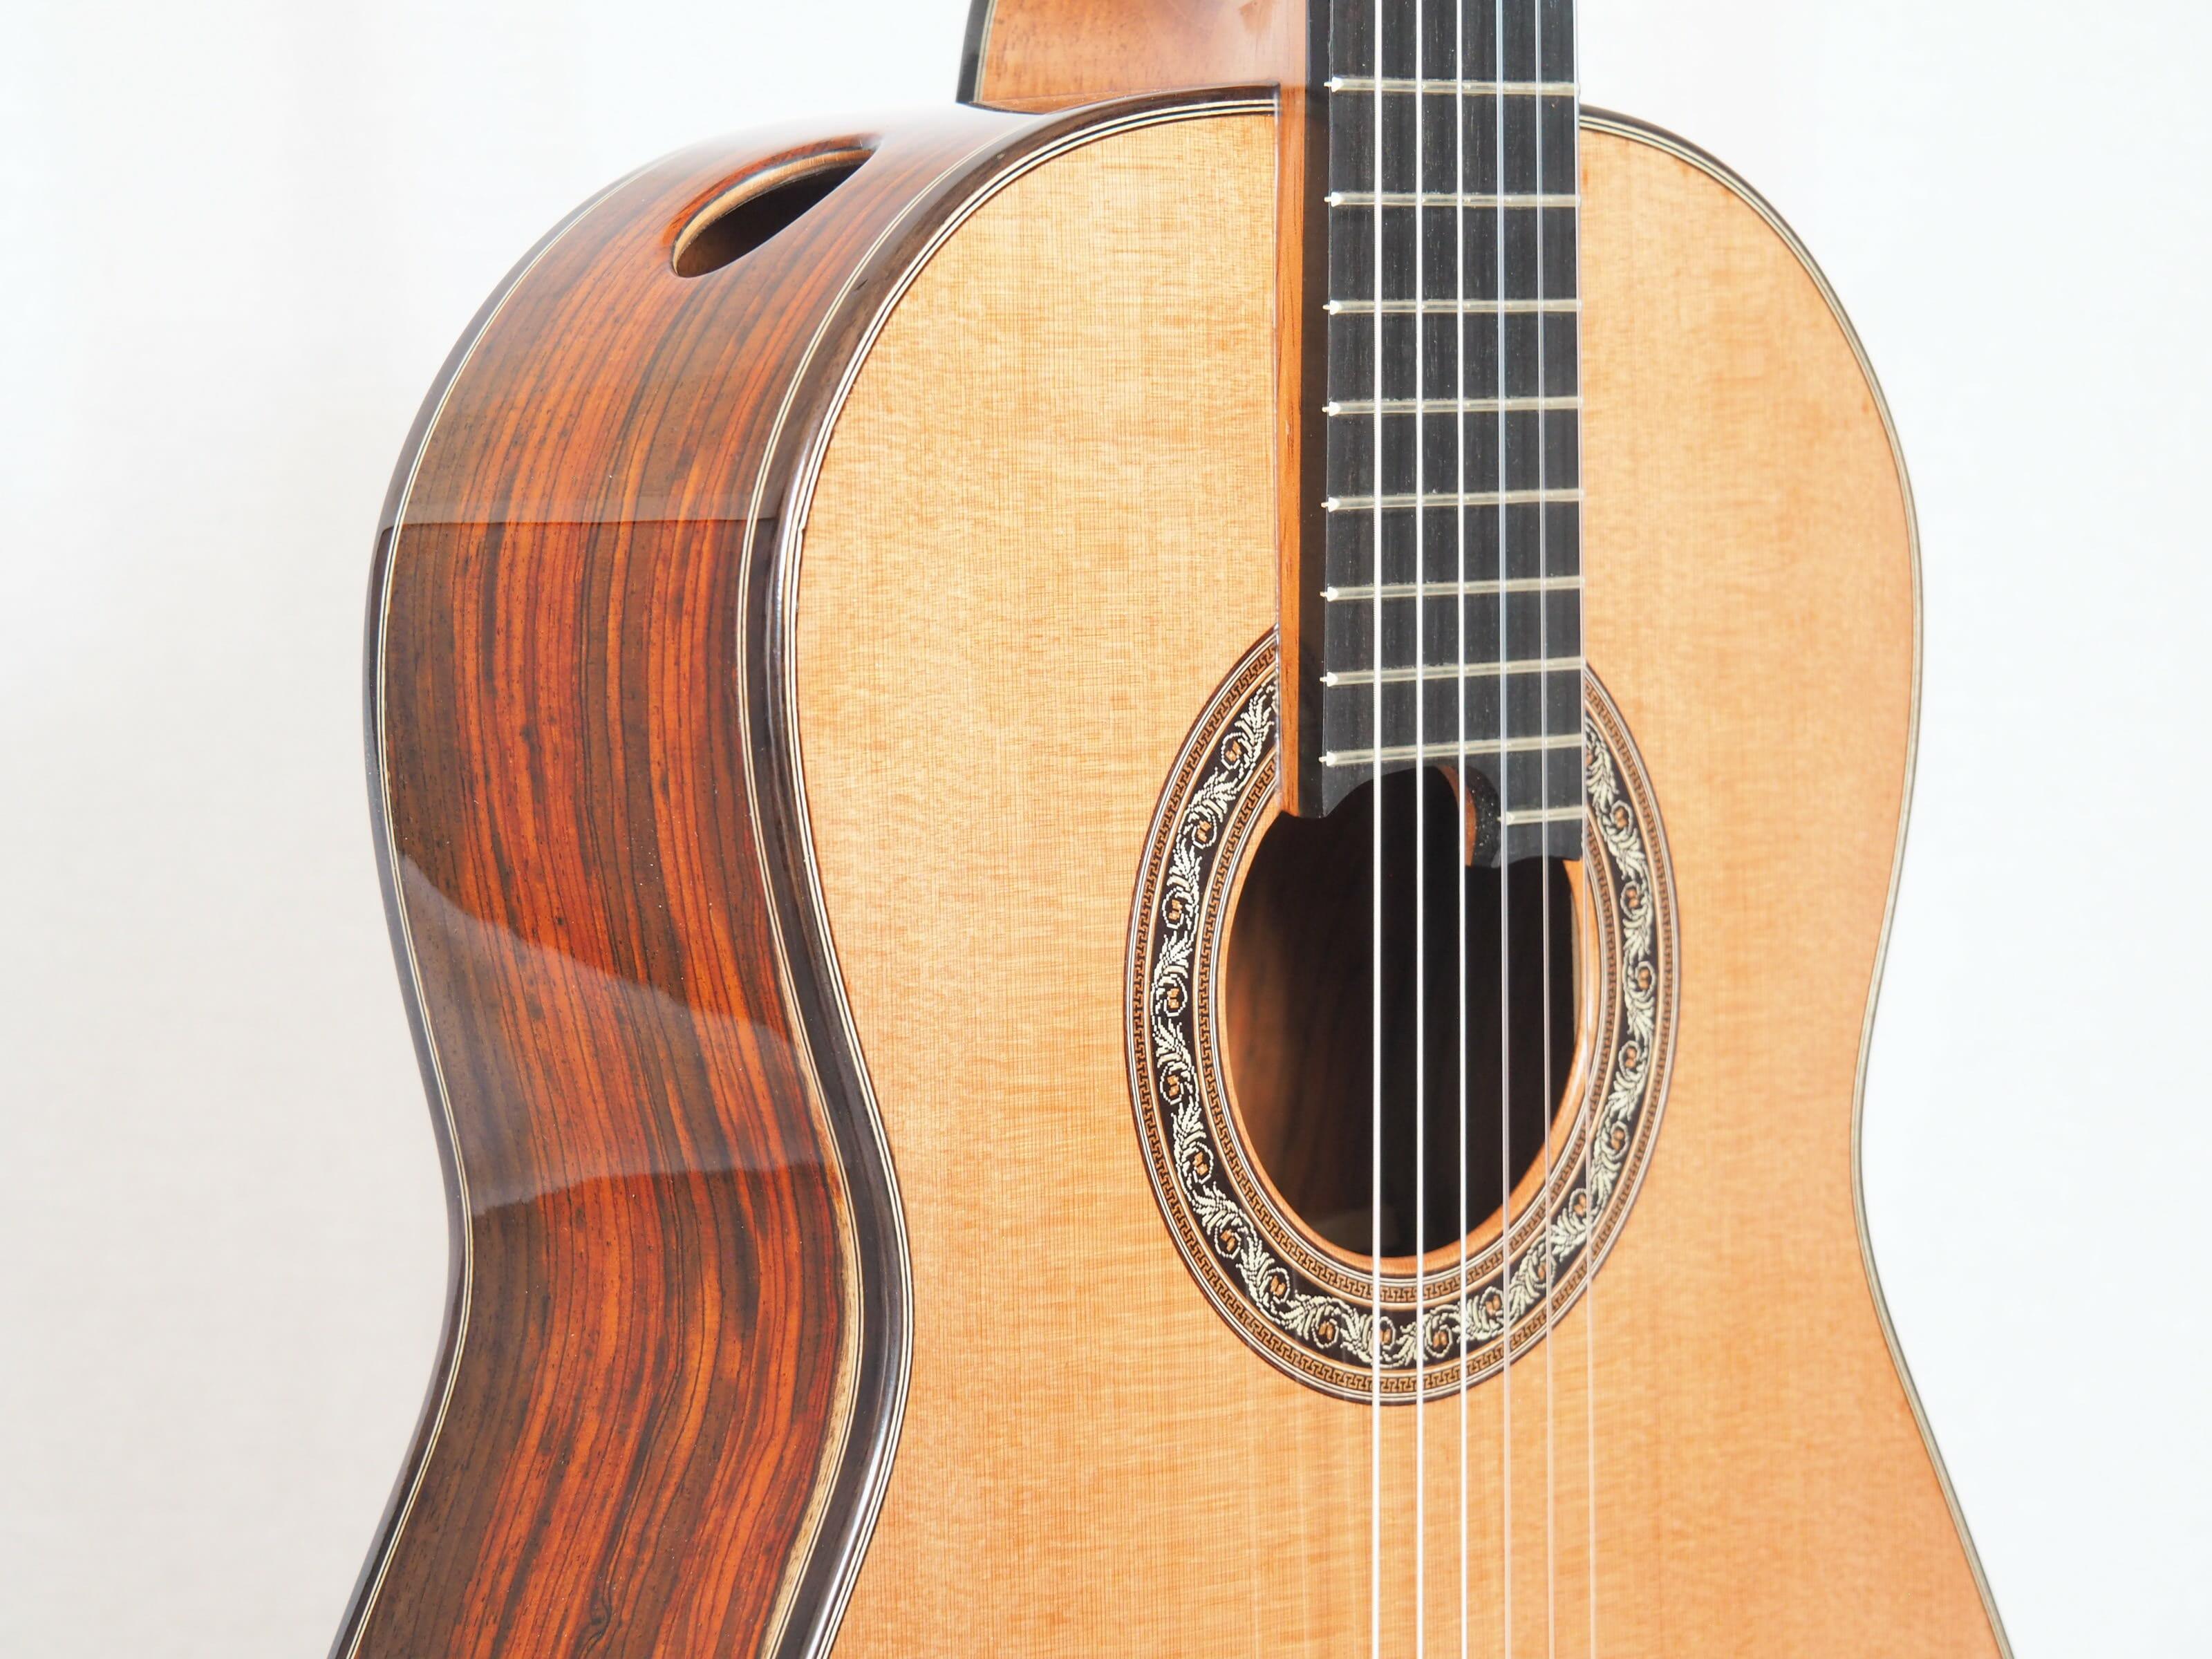 Charalampos Koumridis luthier guitare classique No 19KOU131-05